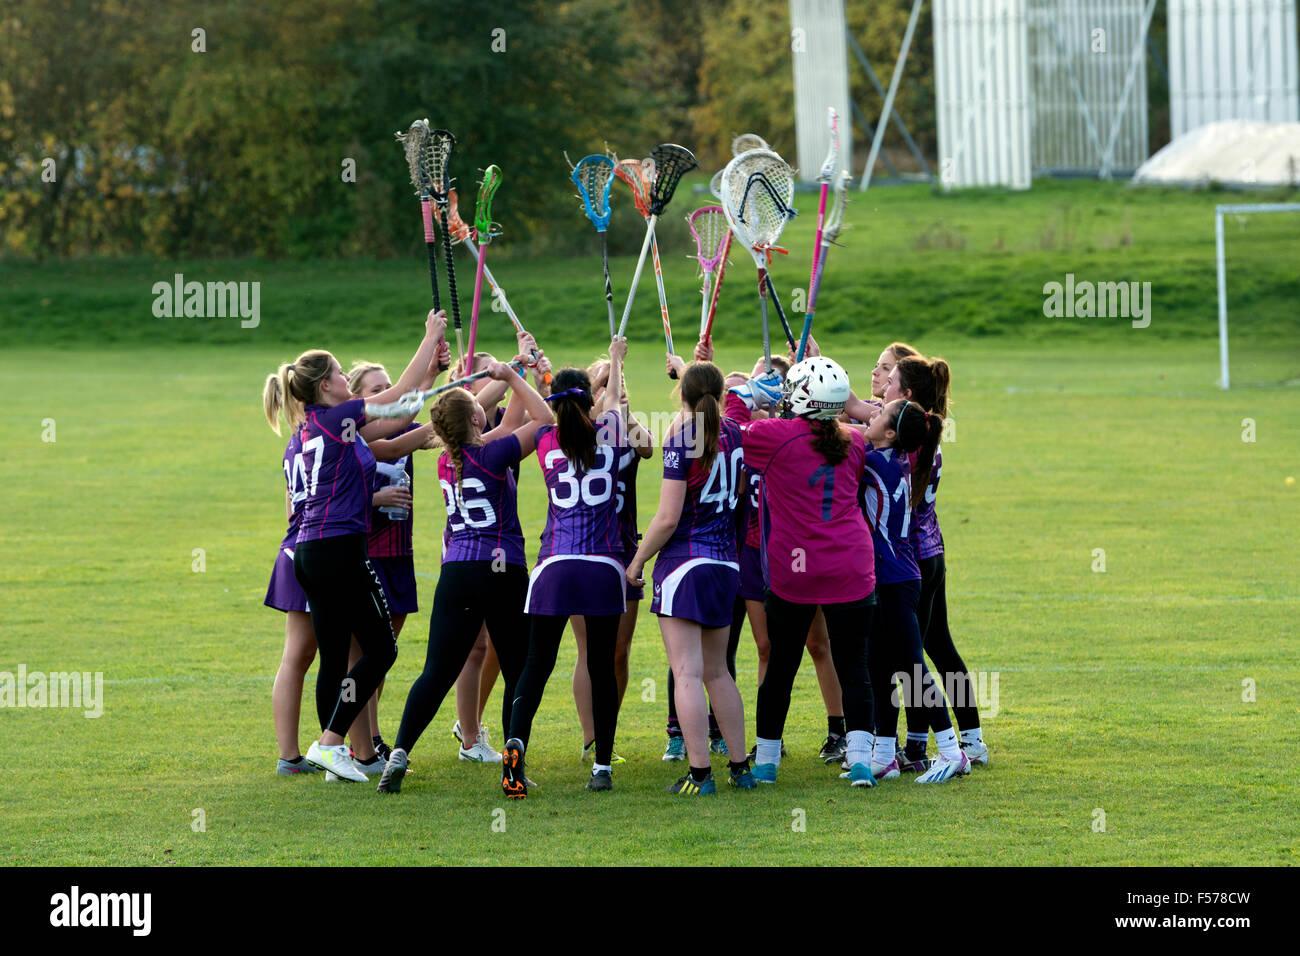 Le sport universitaire - mesdames lacrosse à l'Université de Warwick, Royaume-Uni. Motivation de l'équipe Photo Stock